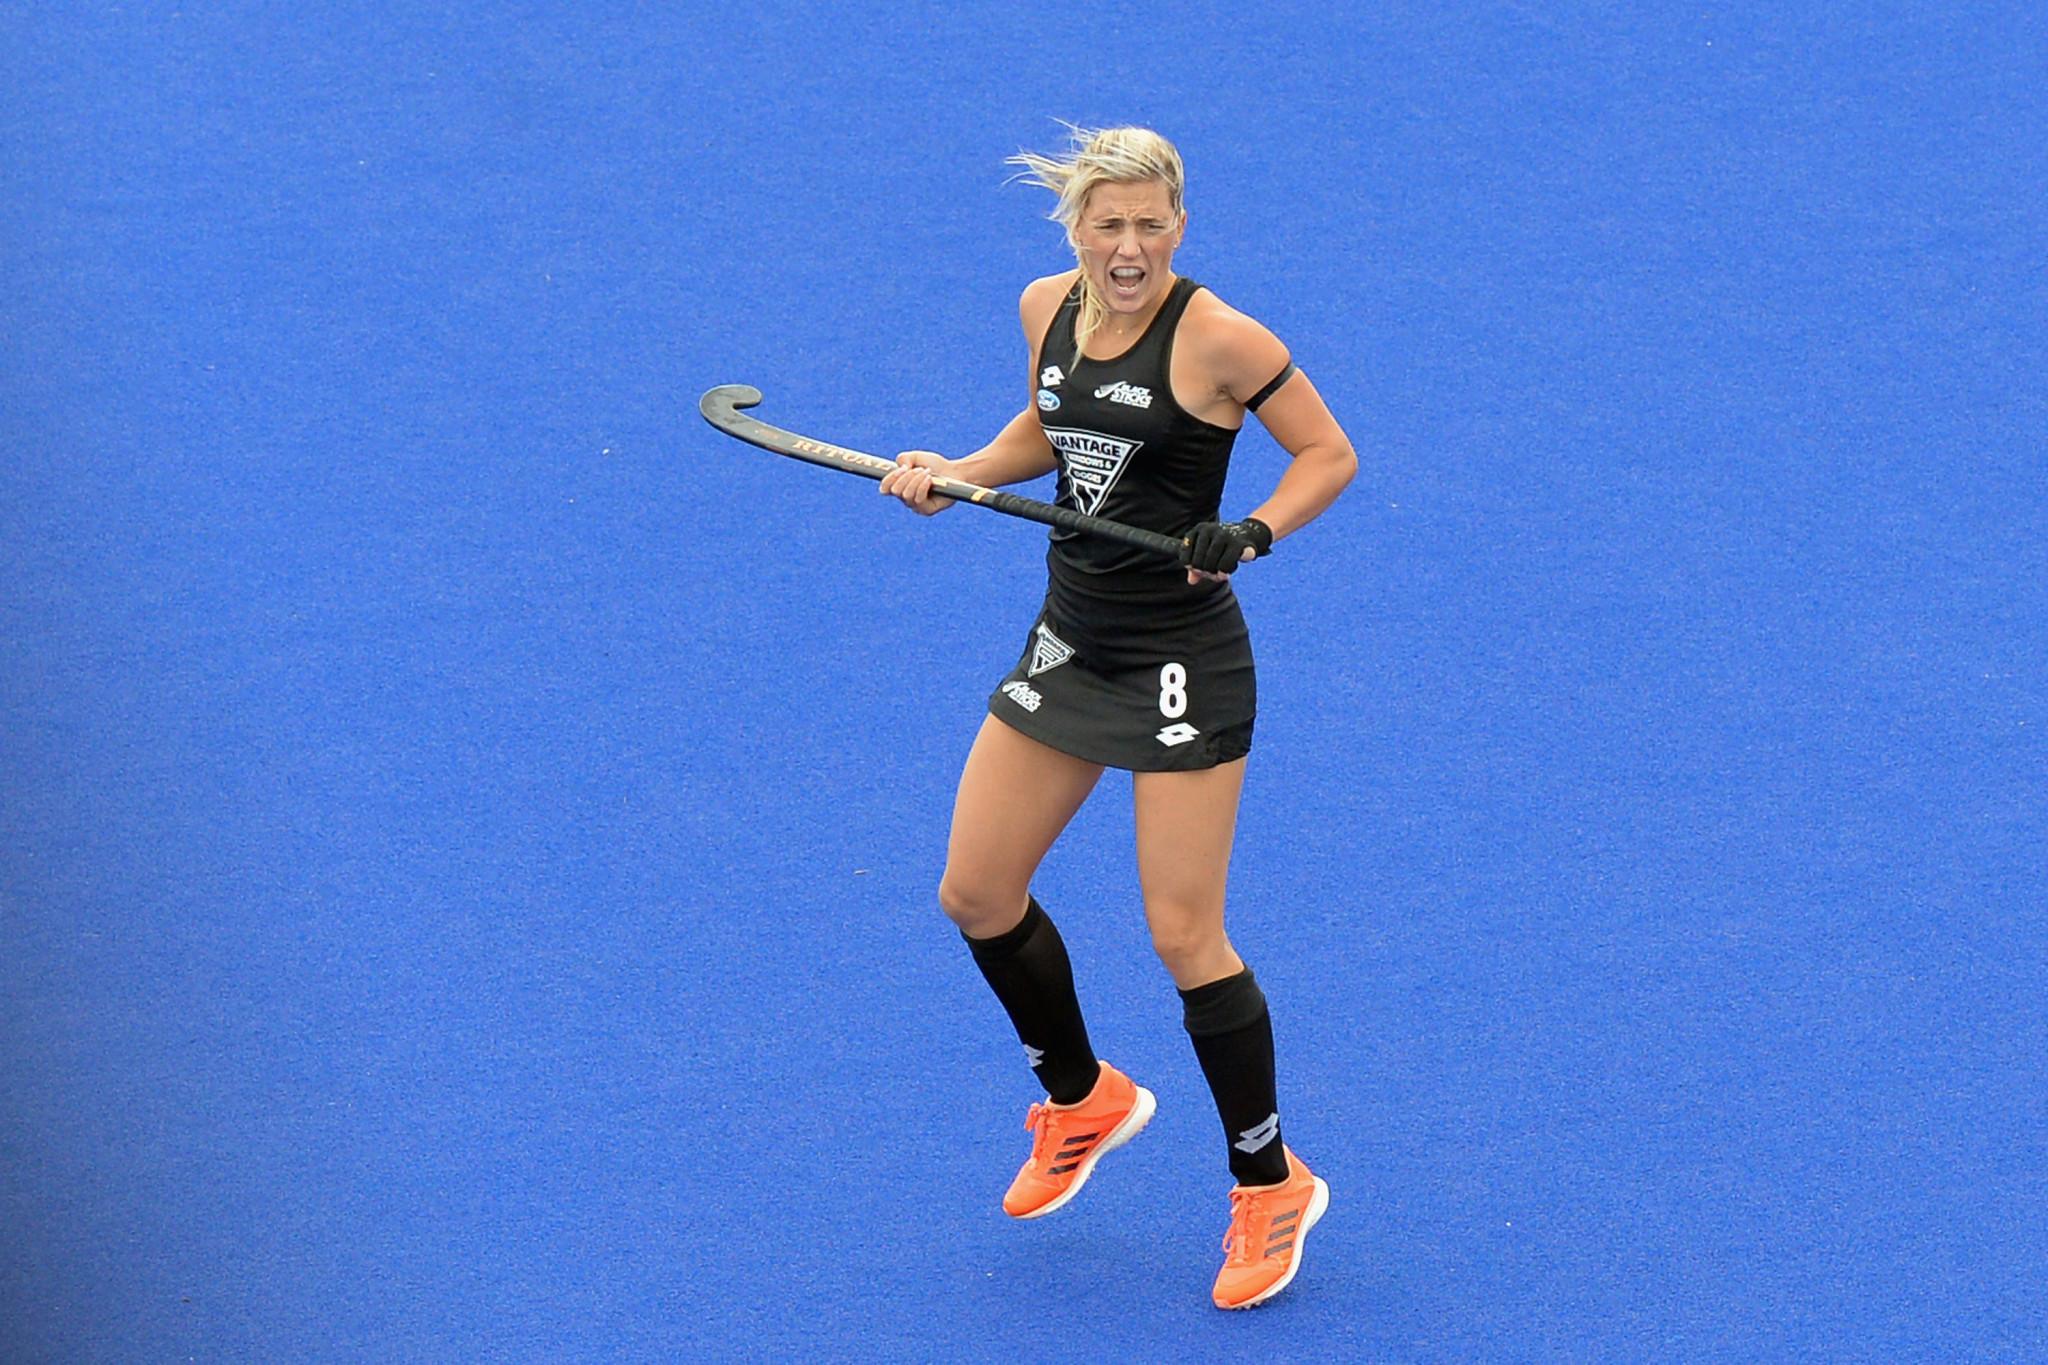 New Zealand women's hockey player McCaw retires after Tokyo 2020 postponement